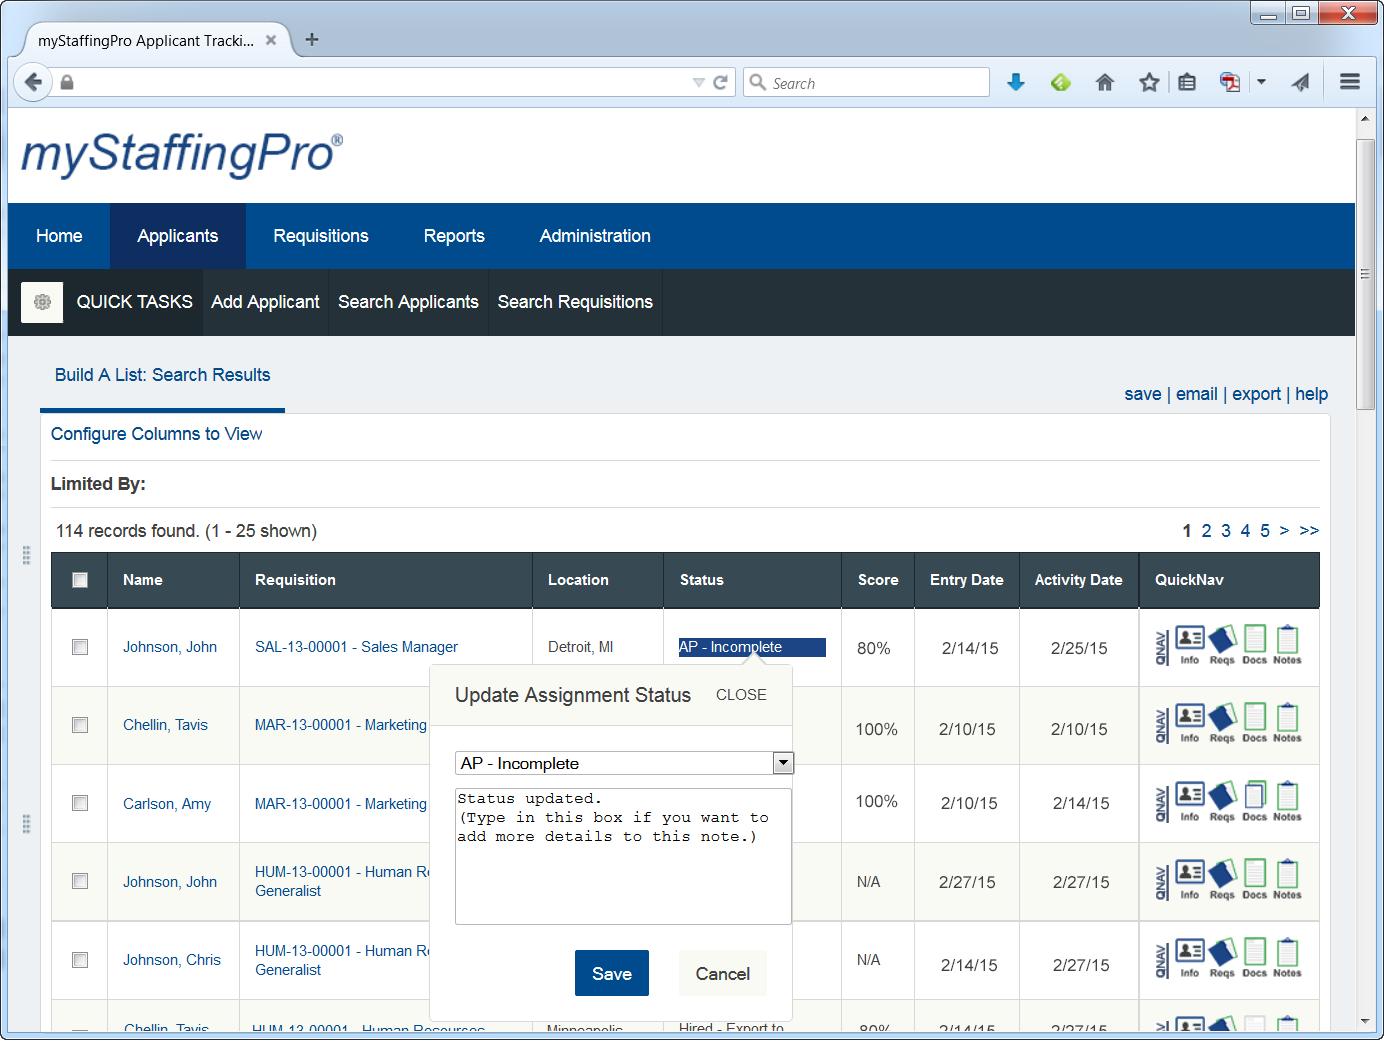 myStaffingPro Demo - myStaffingPro's Applicant Search